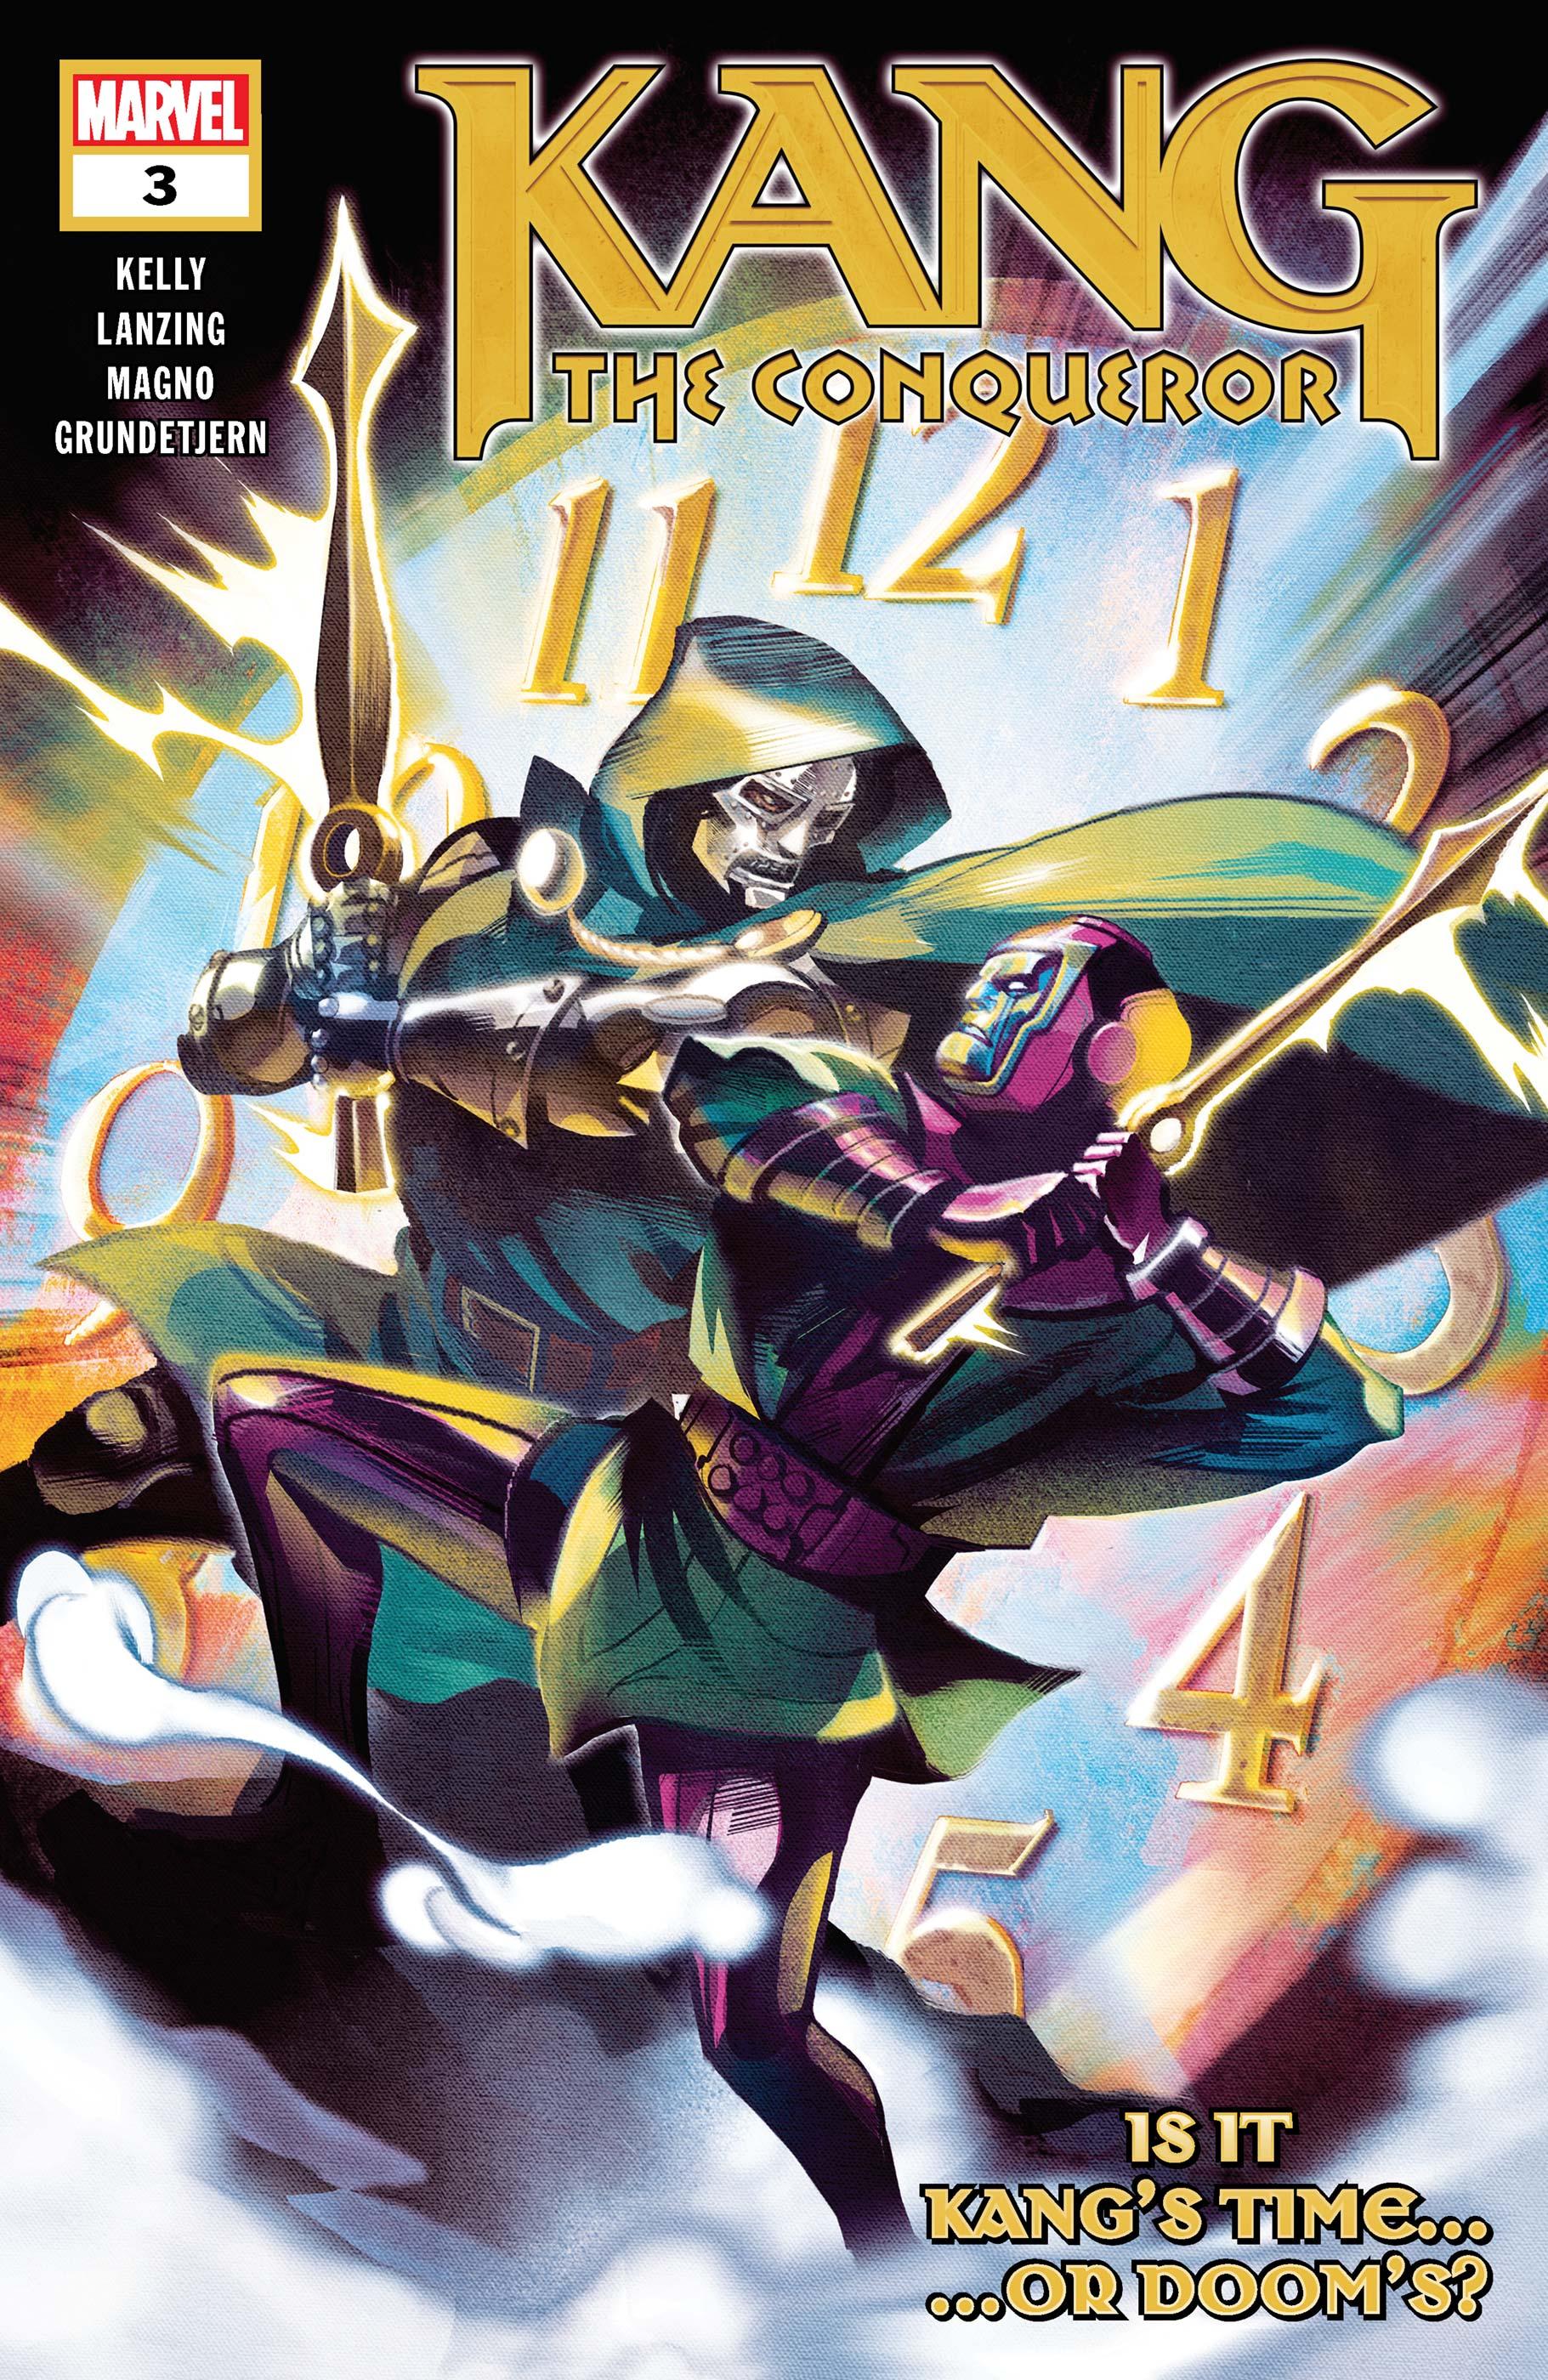 Kang the Conqueror (2021) #3